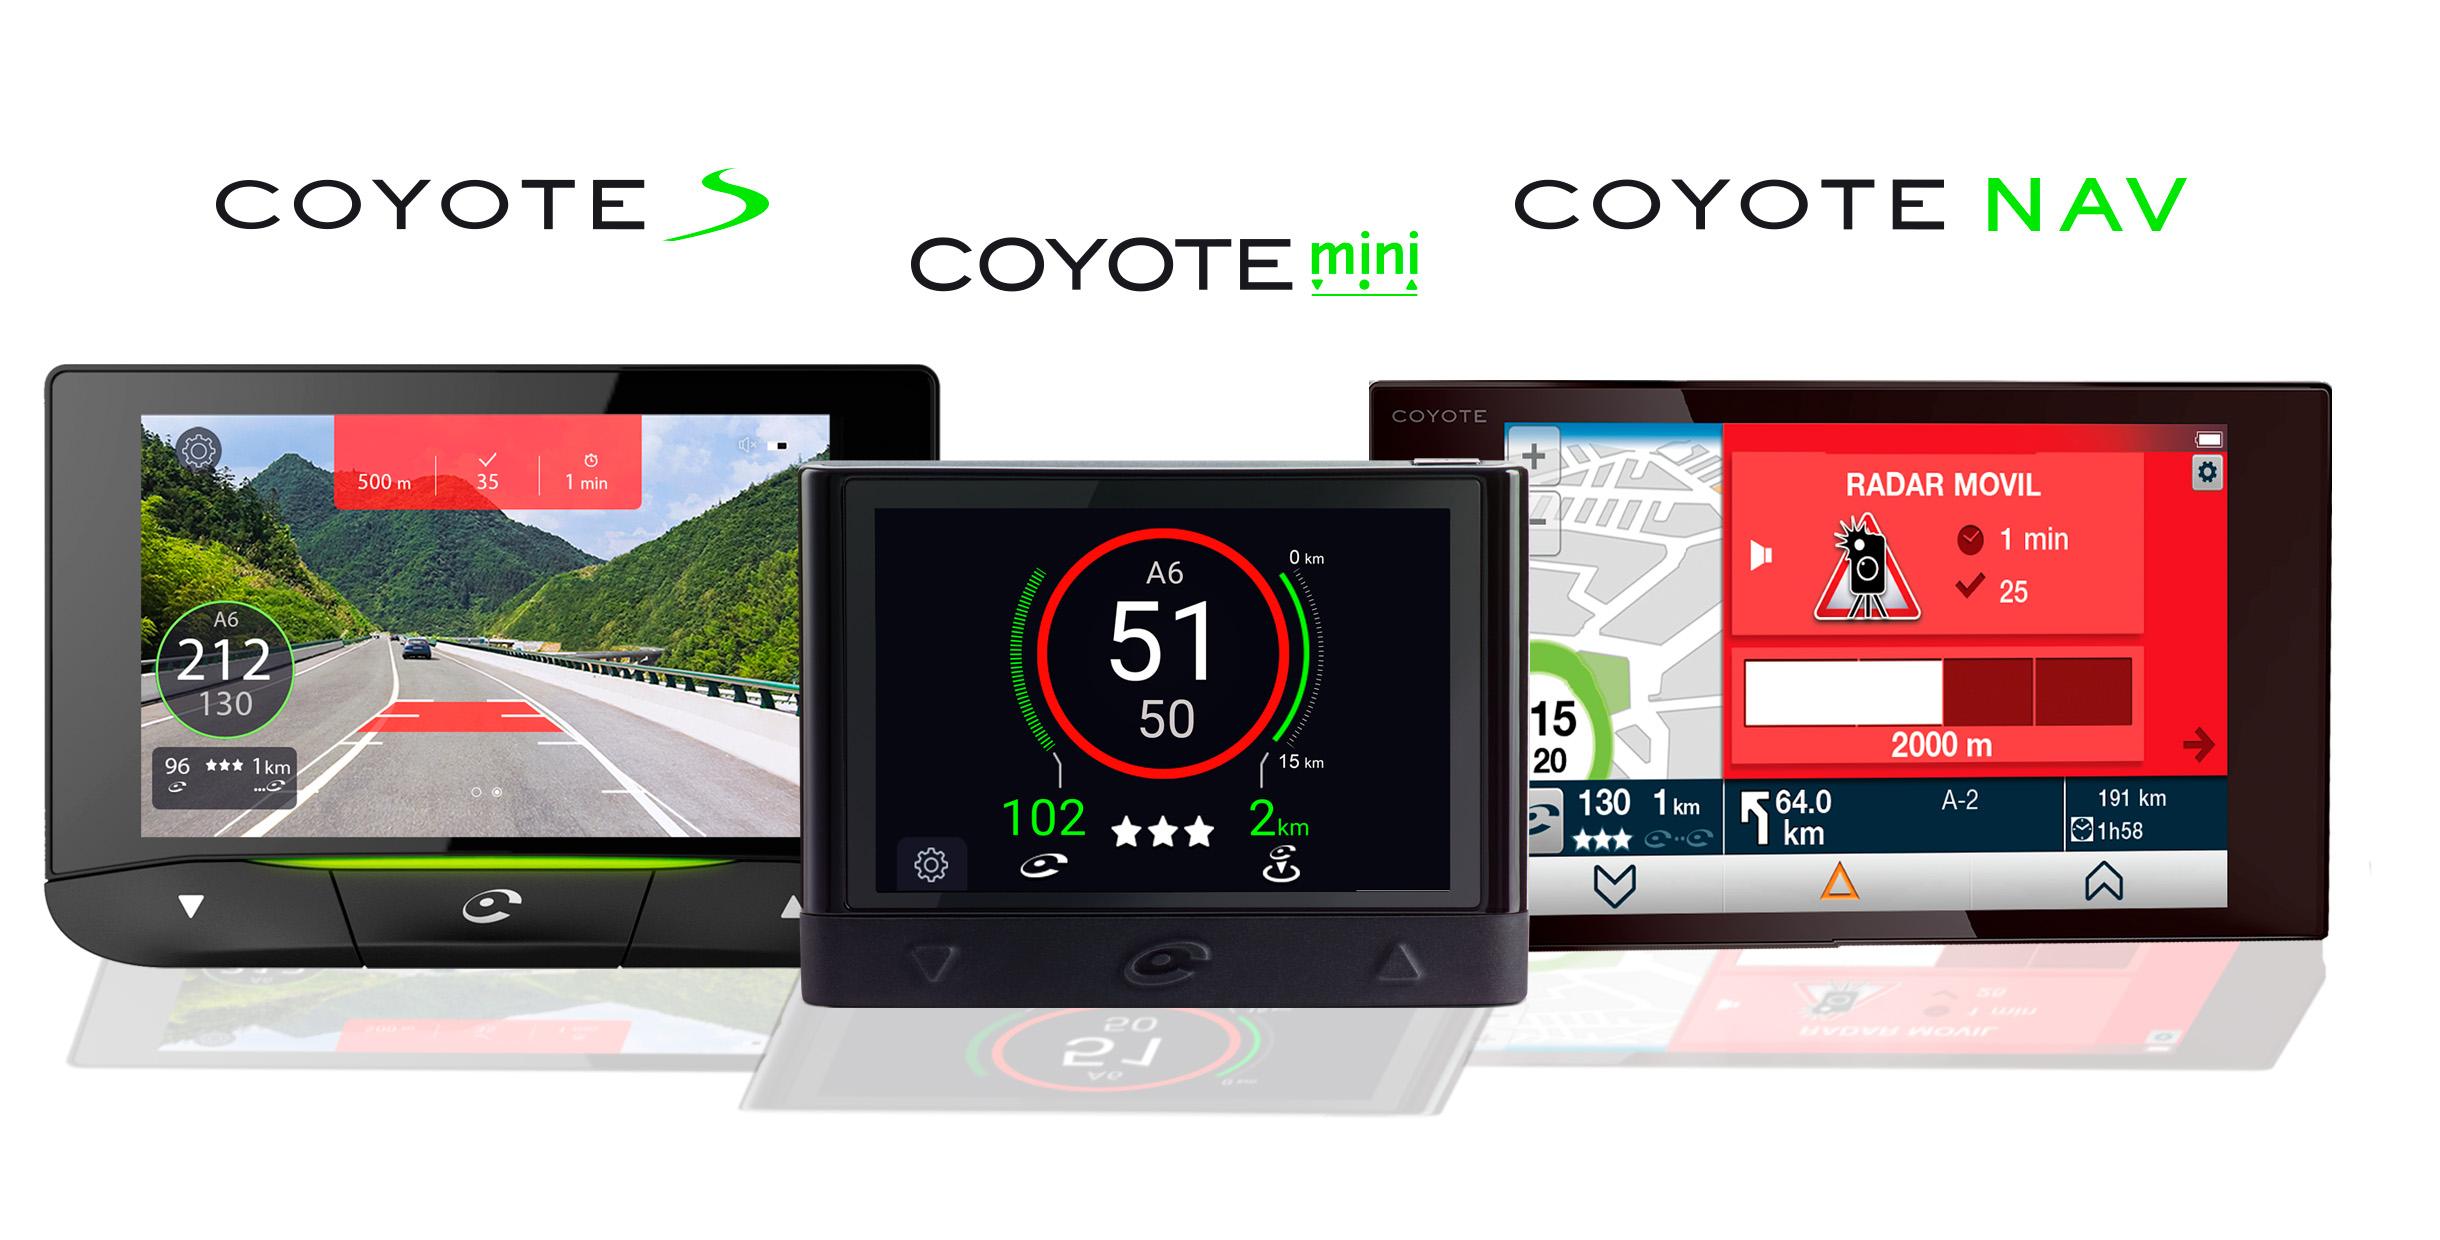 navegadores-coyote-s-mini-nav